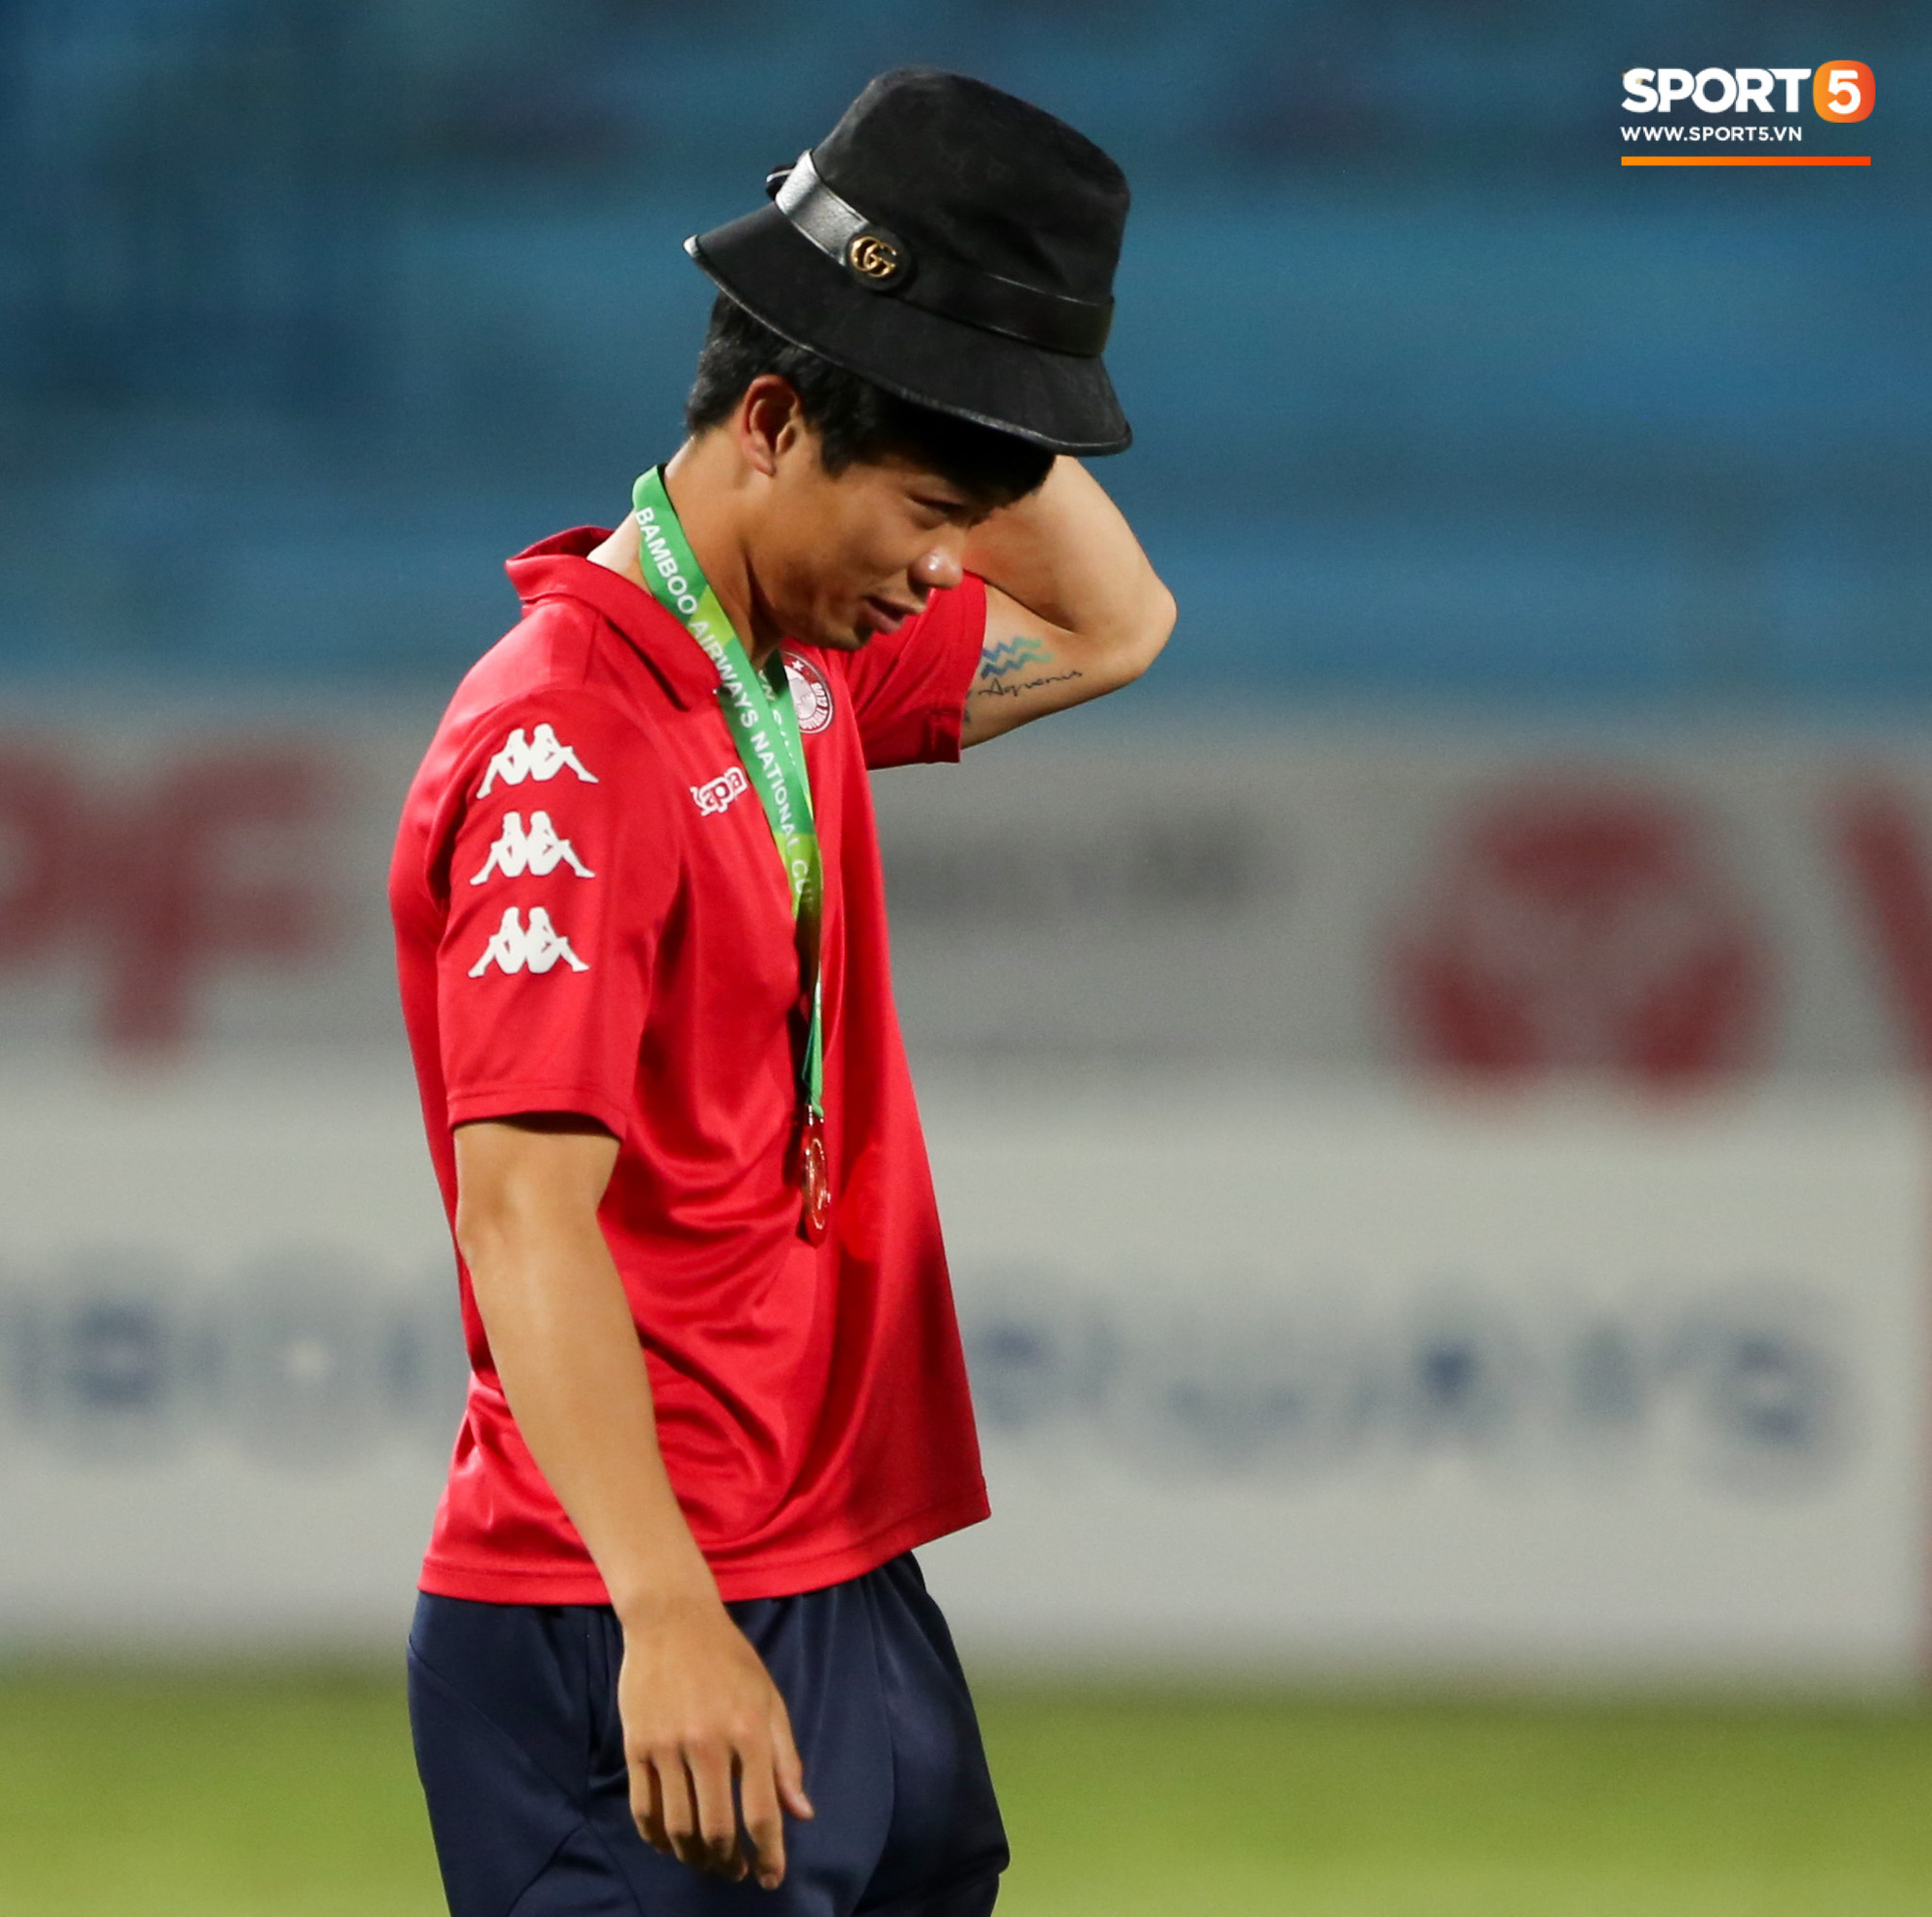 Đội nhà thảm bại, Công Phượng buồn bã trong ngày đặc biệt của sự nghiệp - Ảnh 1.